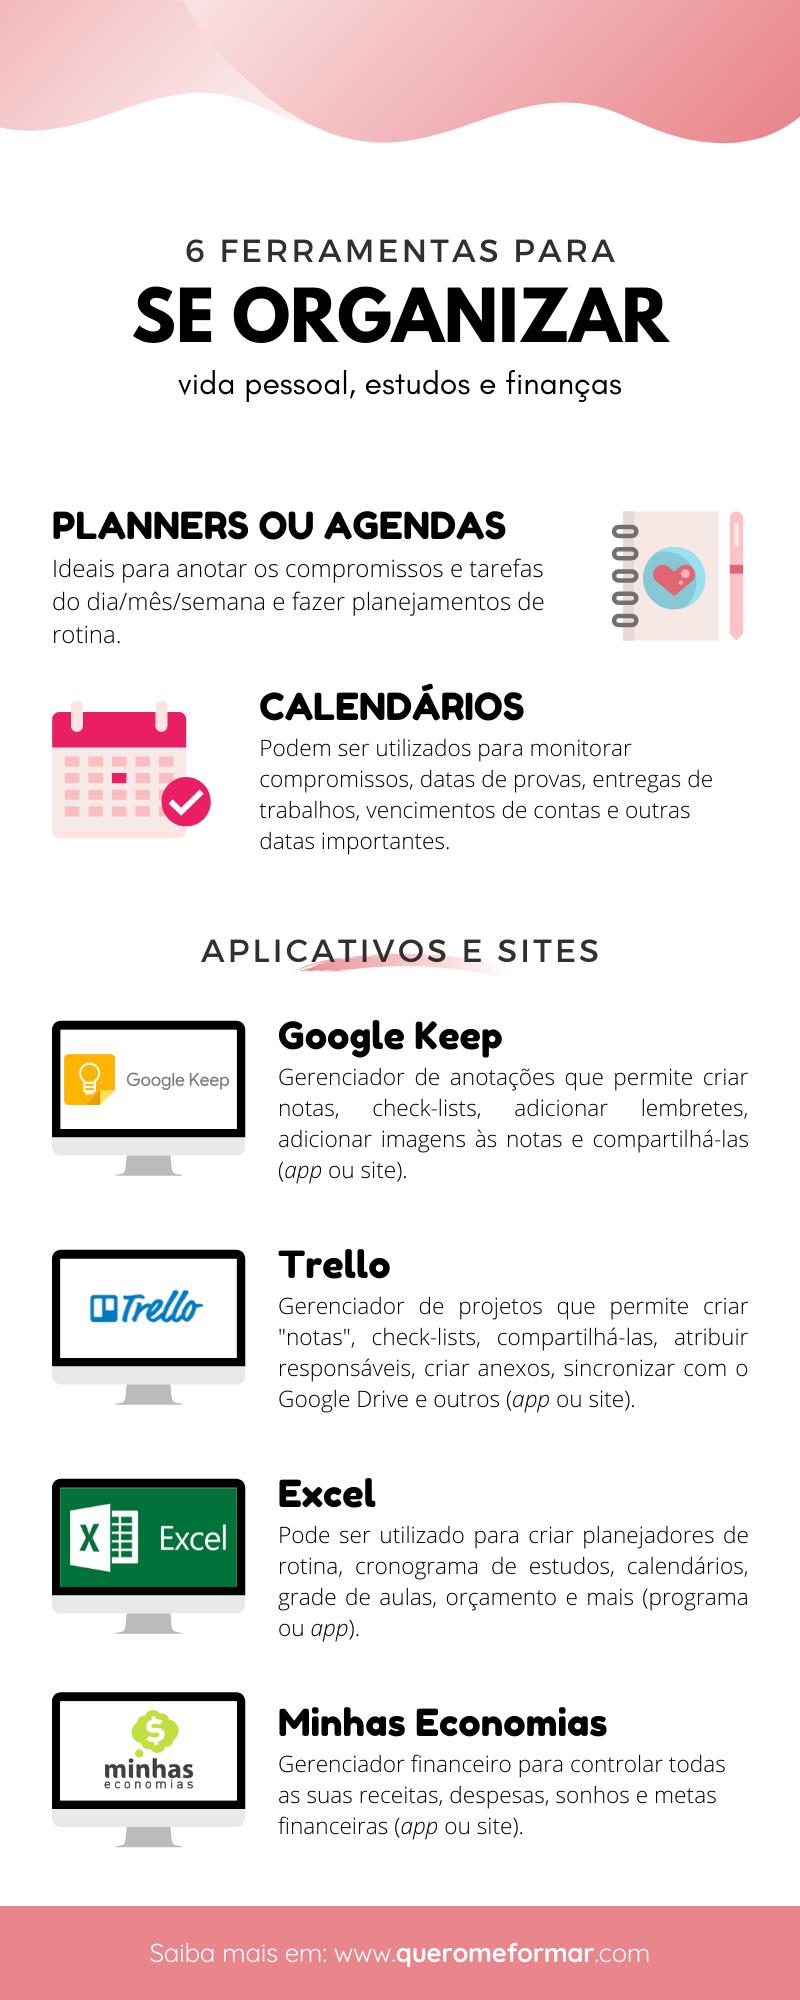 Infográfico Melhores Aplicativos e Ferramentas para Se Organizar em 2020 — Série Faça 2020 ser o Melhor Ano da Sua Vida